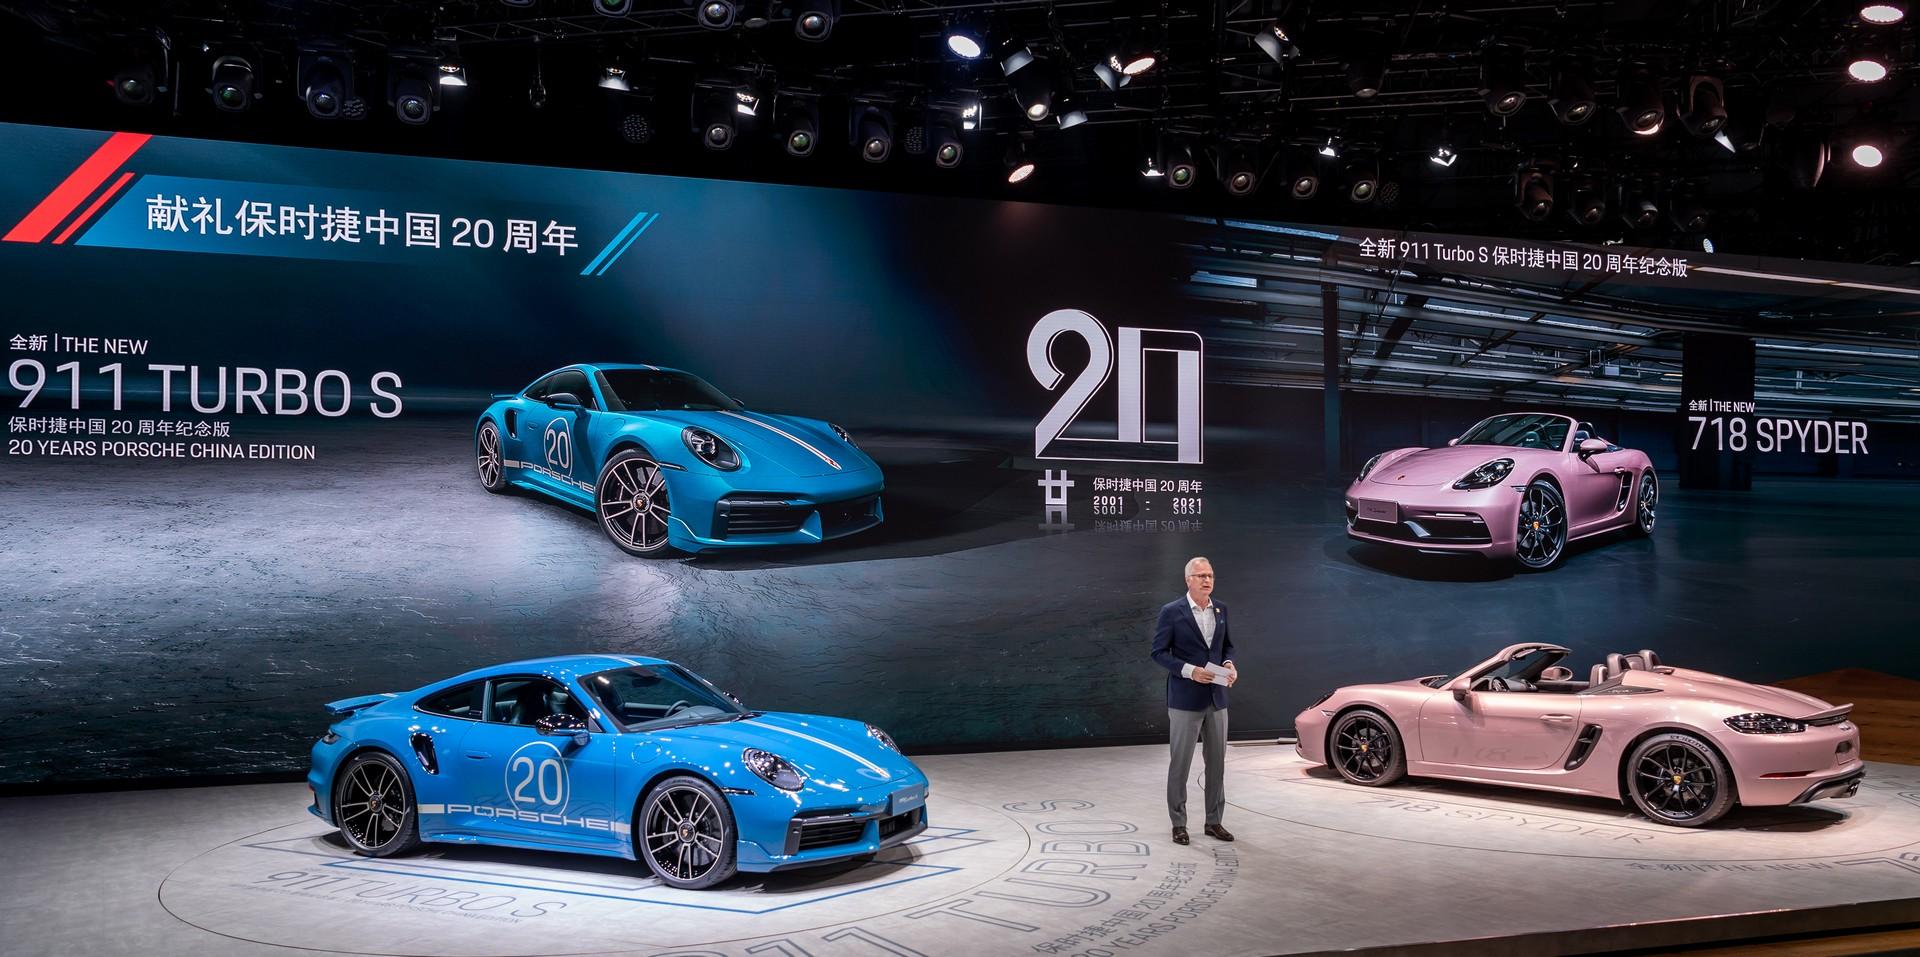 Porsche-911-Turbo-S-20th-Anniversary-Edition-4